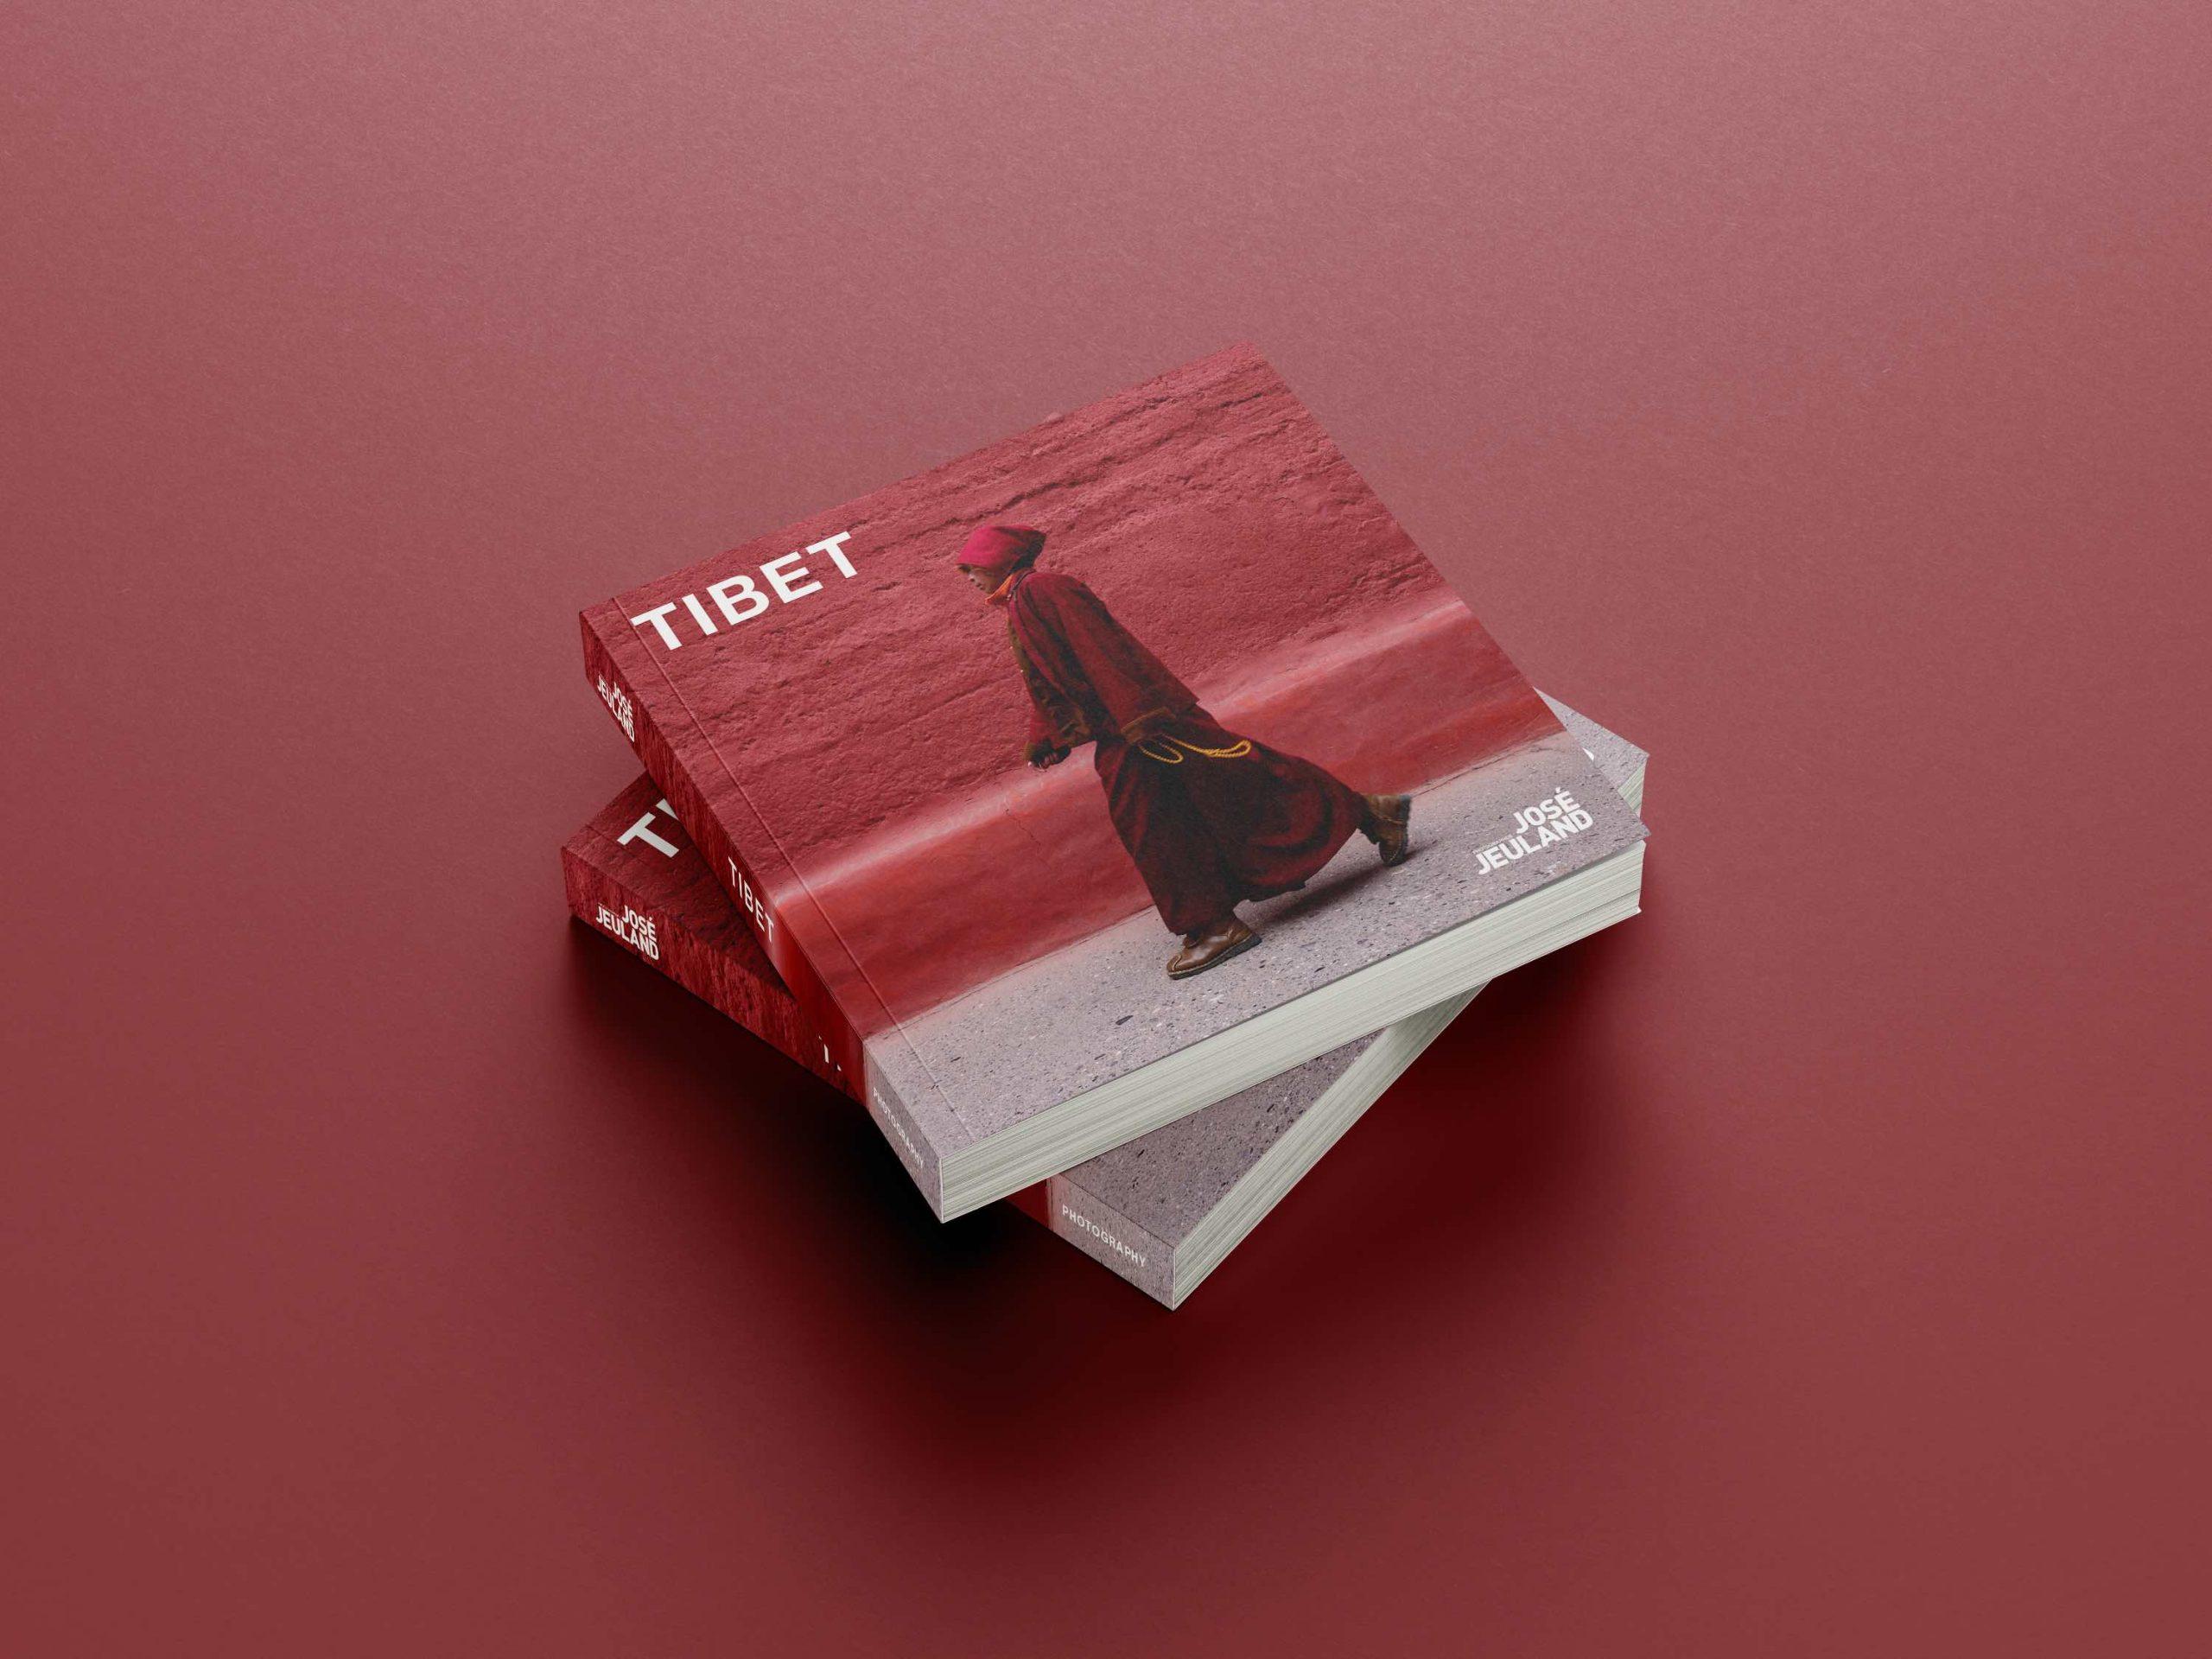 Jose Jeuland photography book Tibet Sichuan China Launch 2-2